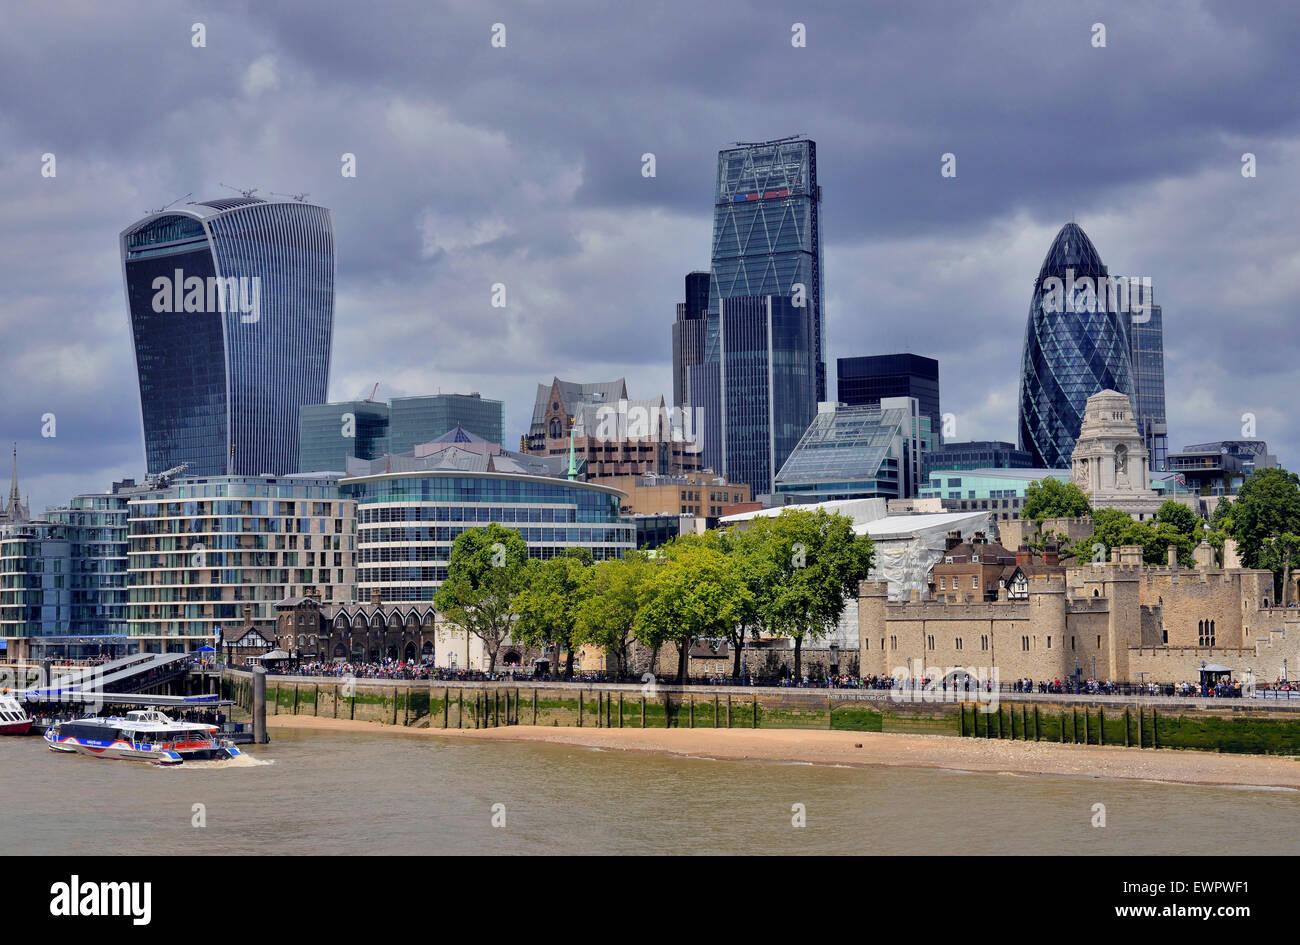 El horizonte de la ciudad, el distrito financiero de Londres, la Torre de Londres, a la derecha, el pepinillo detrás, Foto de stock